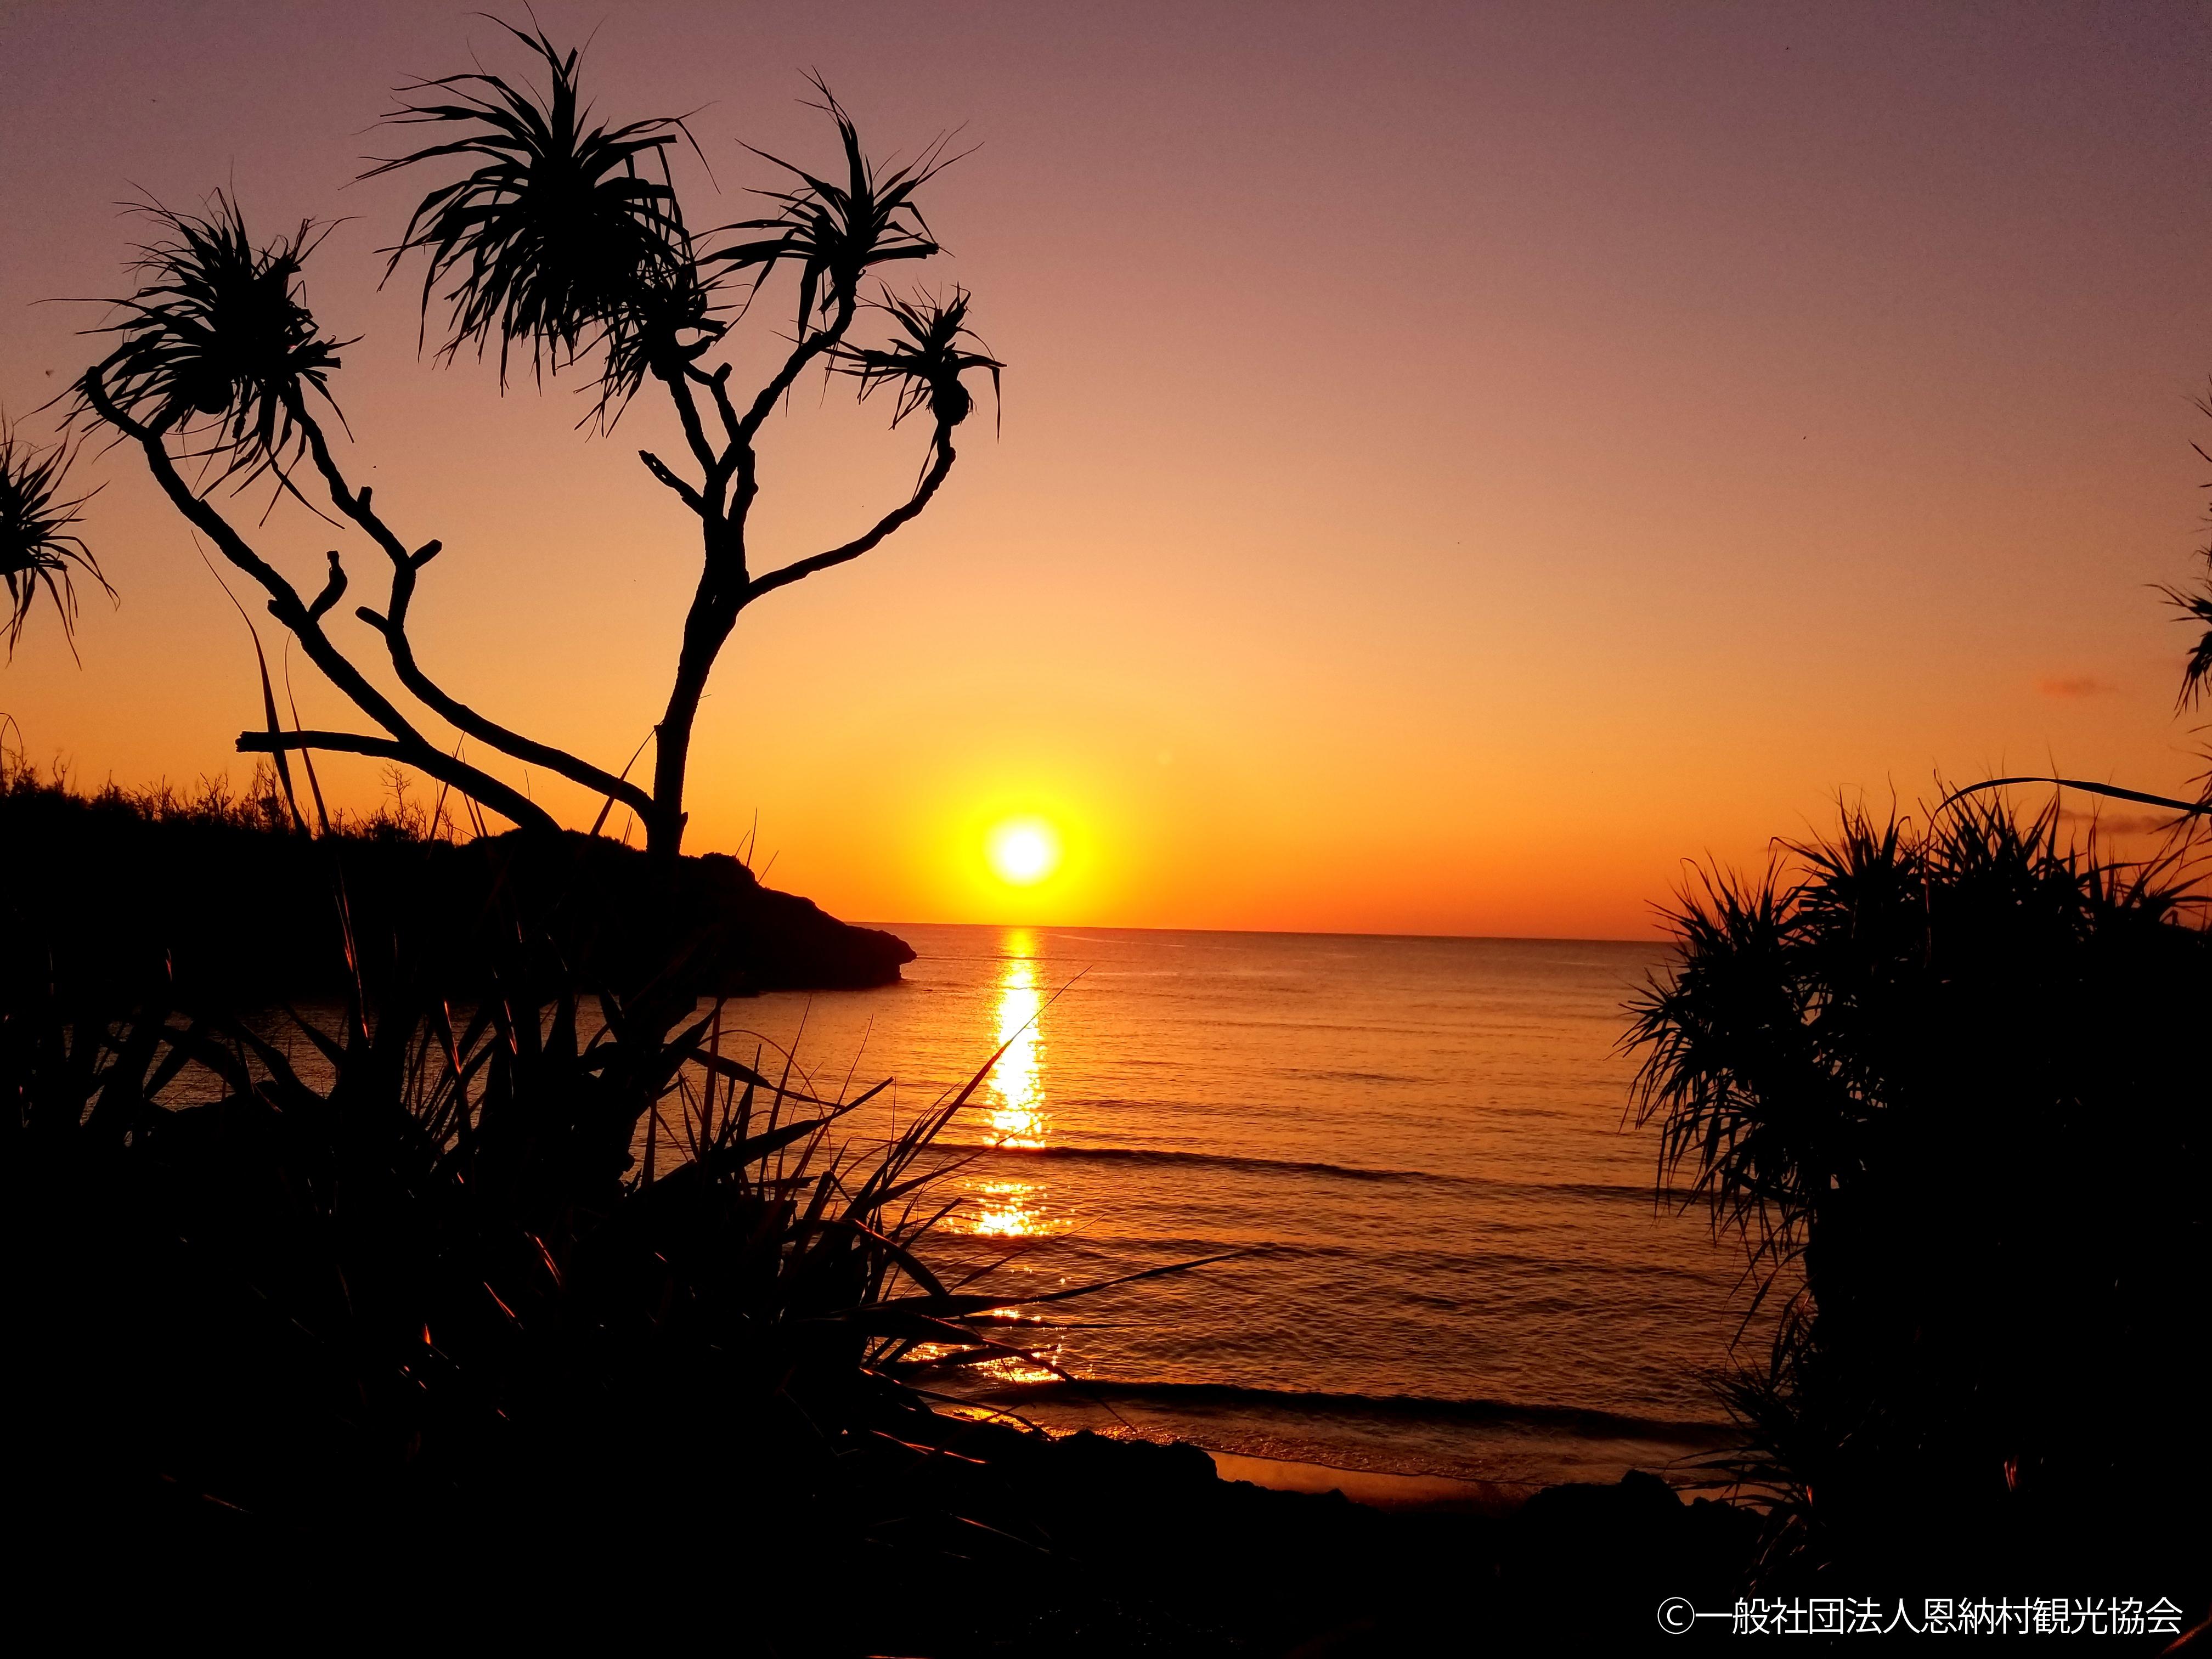 優秀賞「海に沈む夕日とアダンの木」